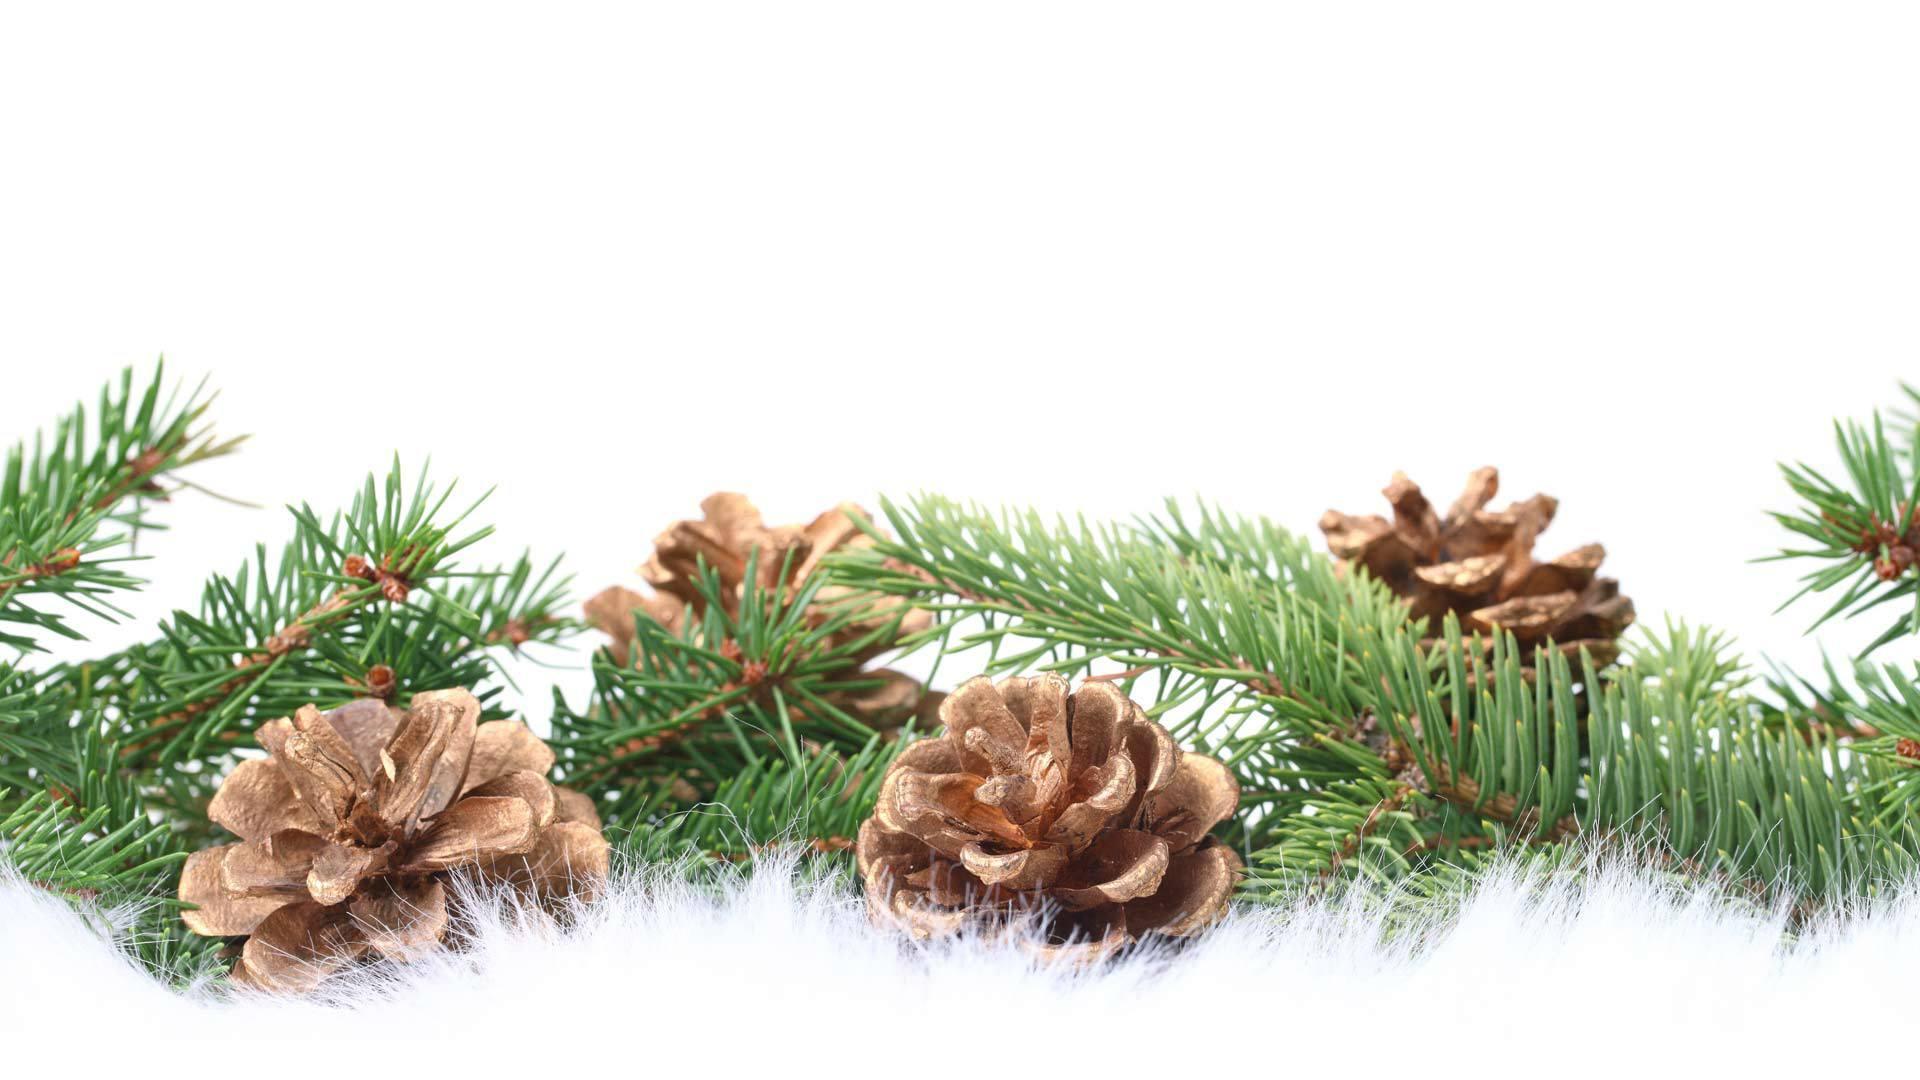 еловая ветка открытка новый год нейл-арта часто используют